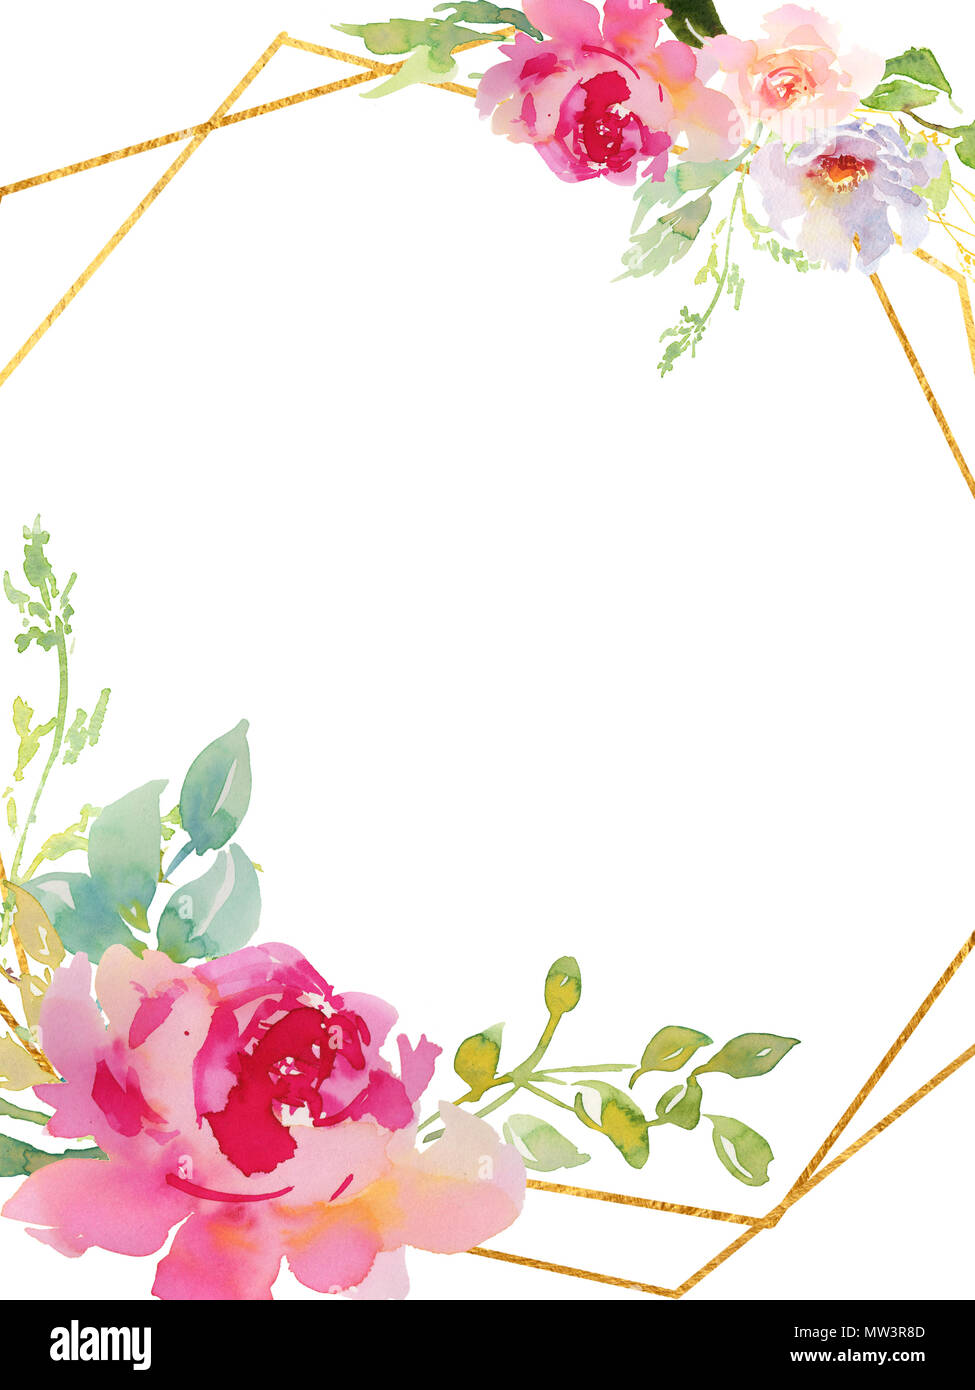 Hochzeit frame kranz gr n und lila blumen ornament for Lila und grun kombinieren